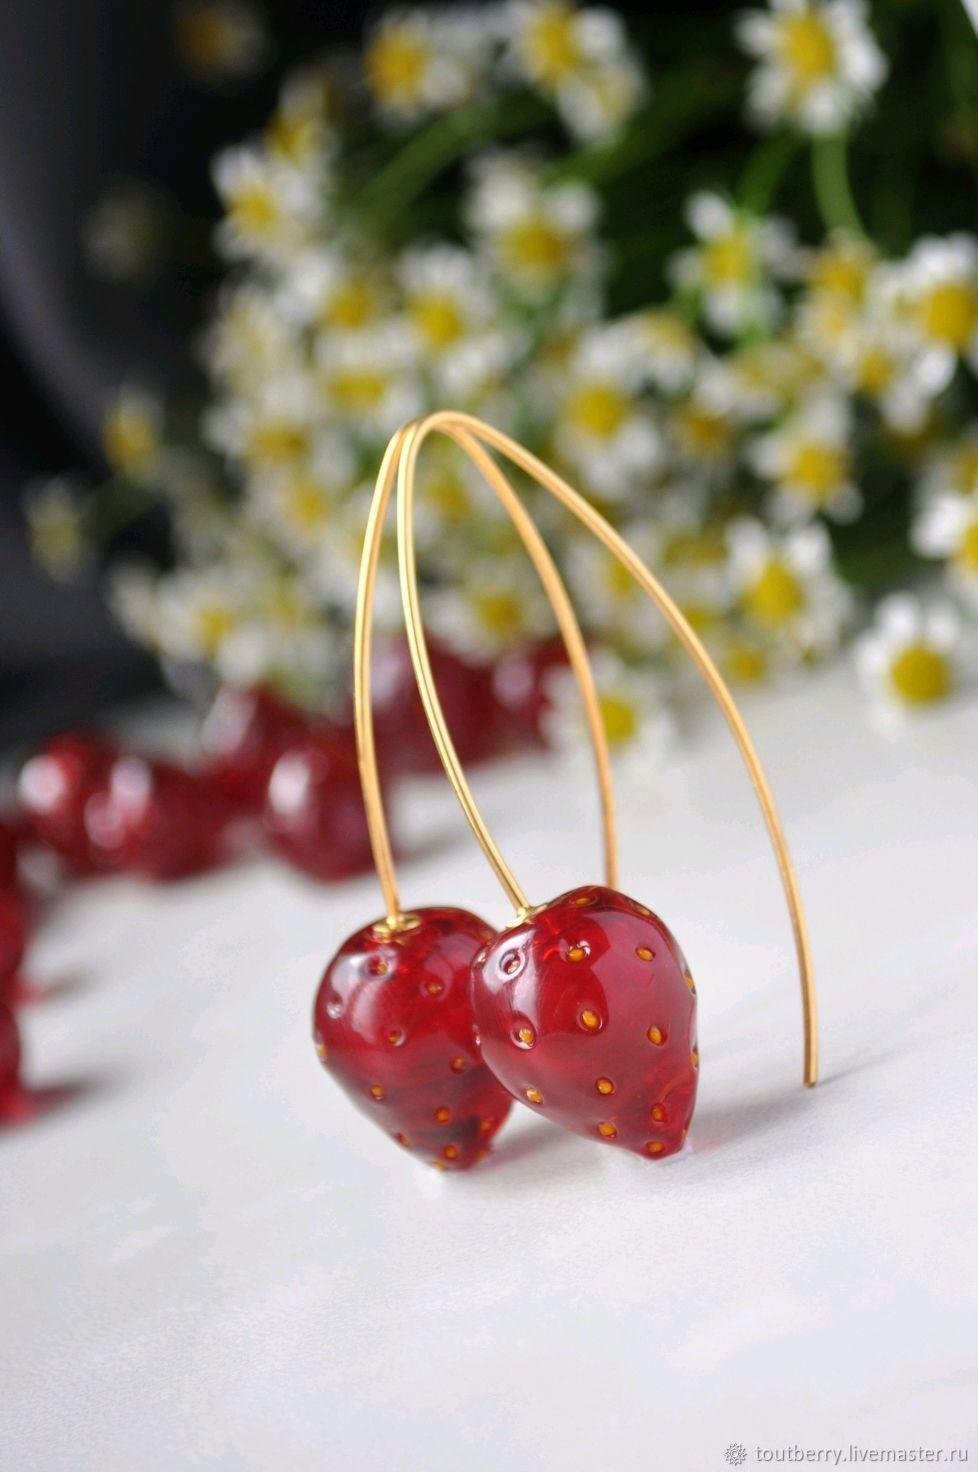 Strawberry earrings - long earrings, Earrings, Moscow,  Фото №1